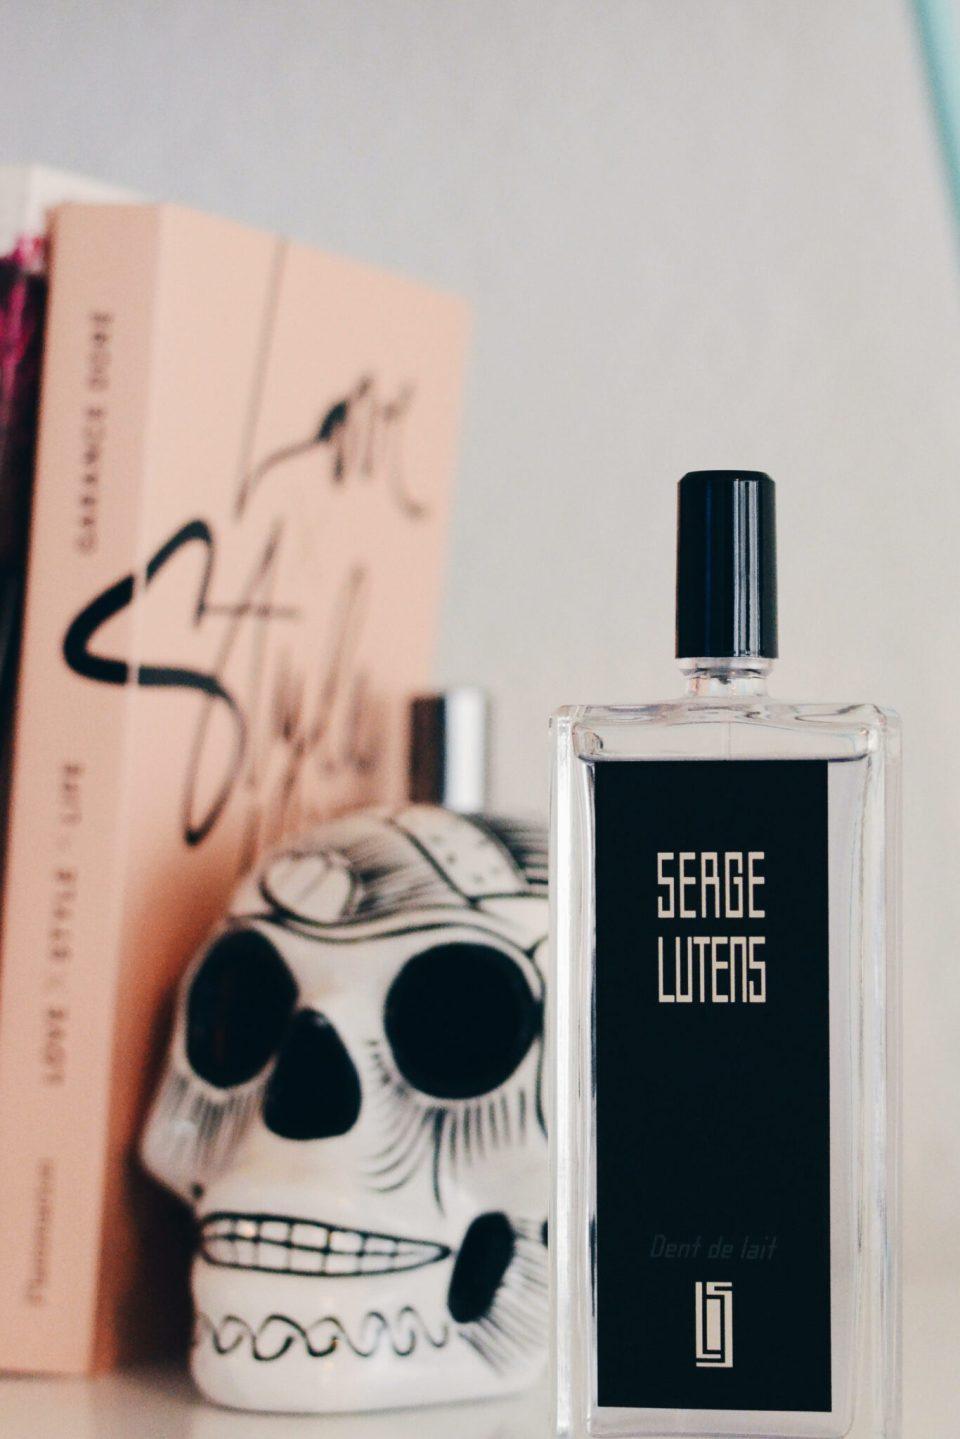 mercredie-blog-mode-geneve-suisse-blogueuse-bloggeuse-serge-lutens-parfum-avis-test-sang-amande-dent-de-lait